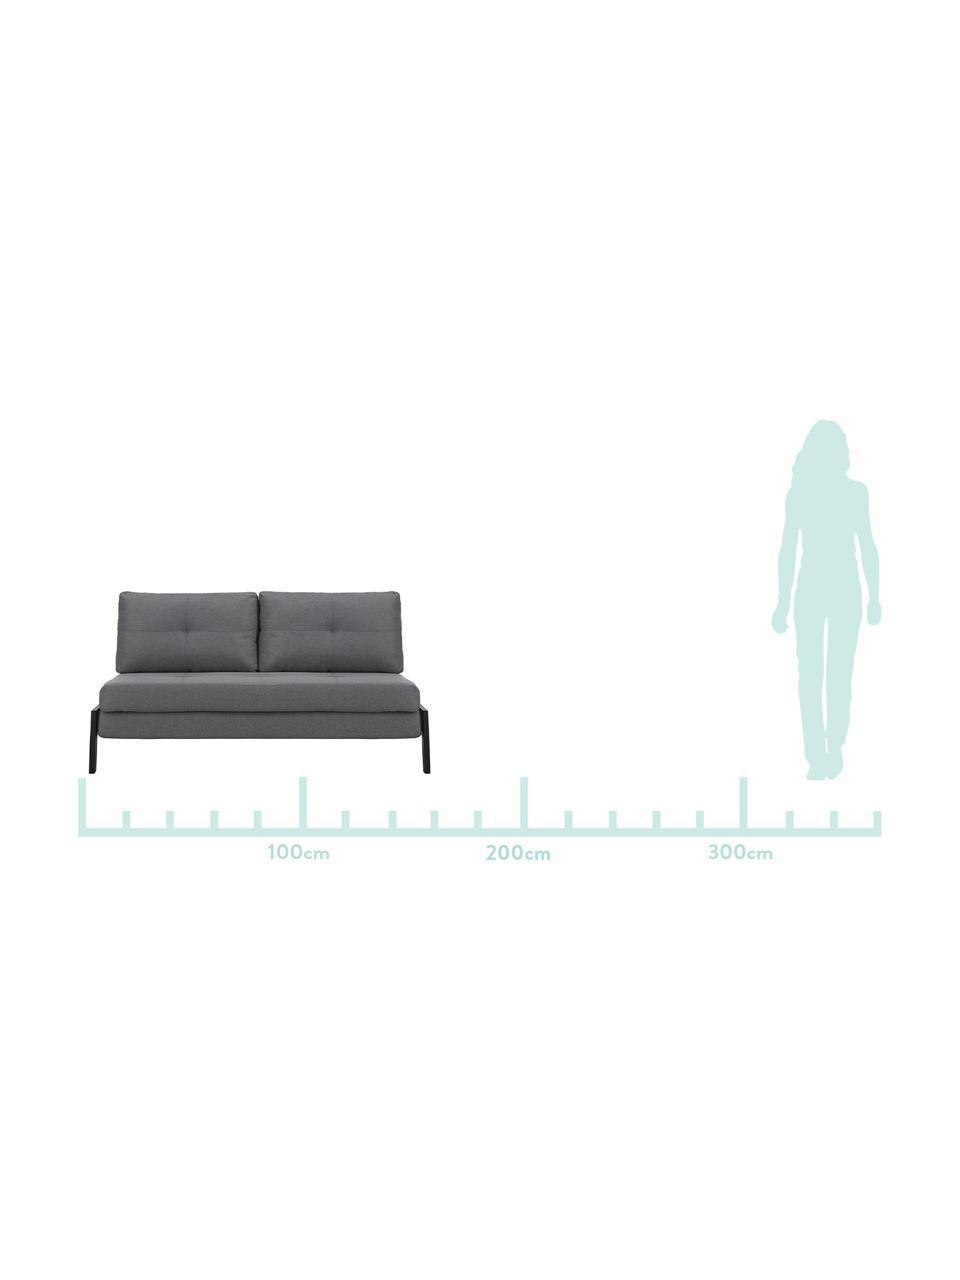 Schlafsofa Edward in Dunkelgrau mit Metall-Füßen, ausklappbar, Bezug: 100% Polyester 40.000 Sch, Webstoff Dunkelgrau, B 152 x T 96 cm